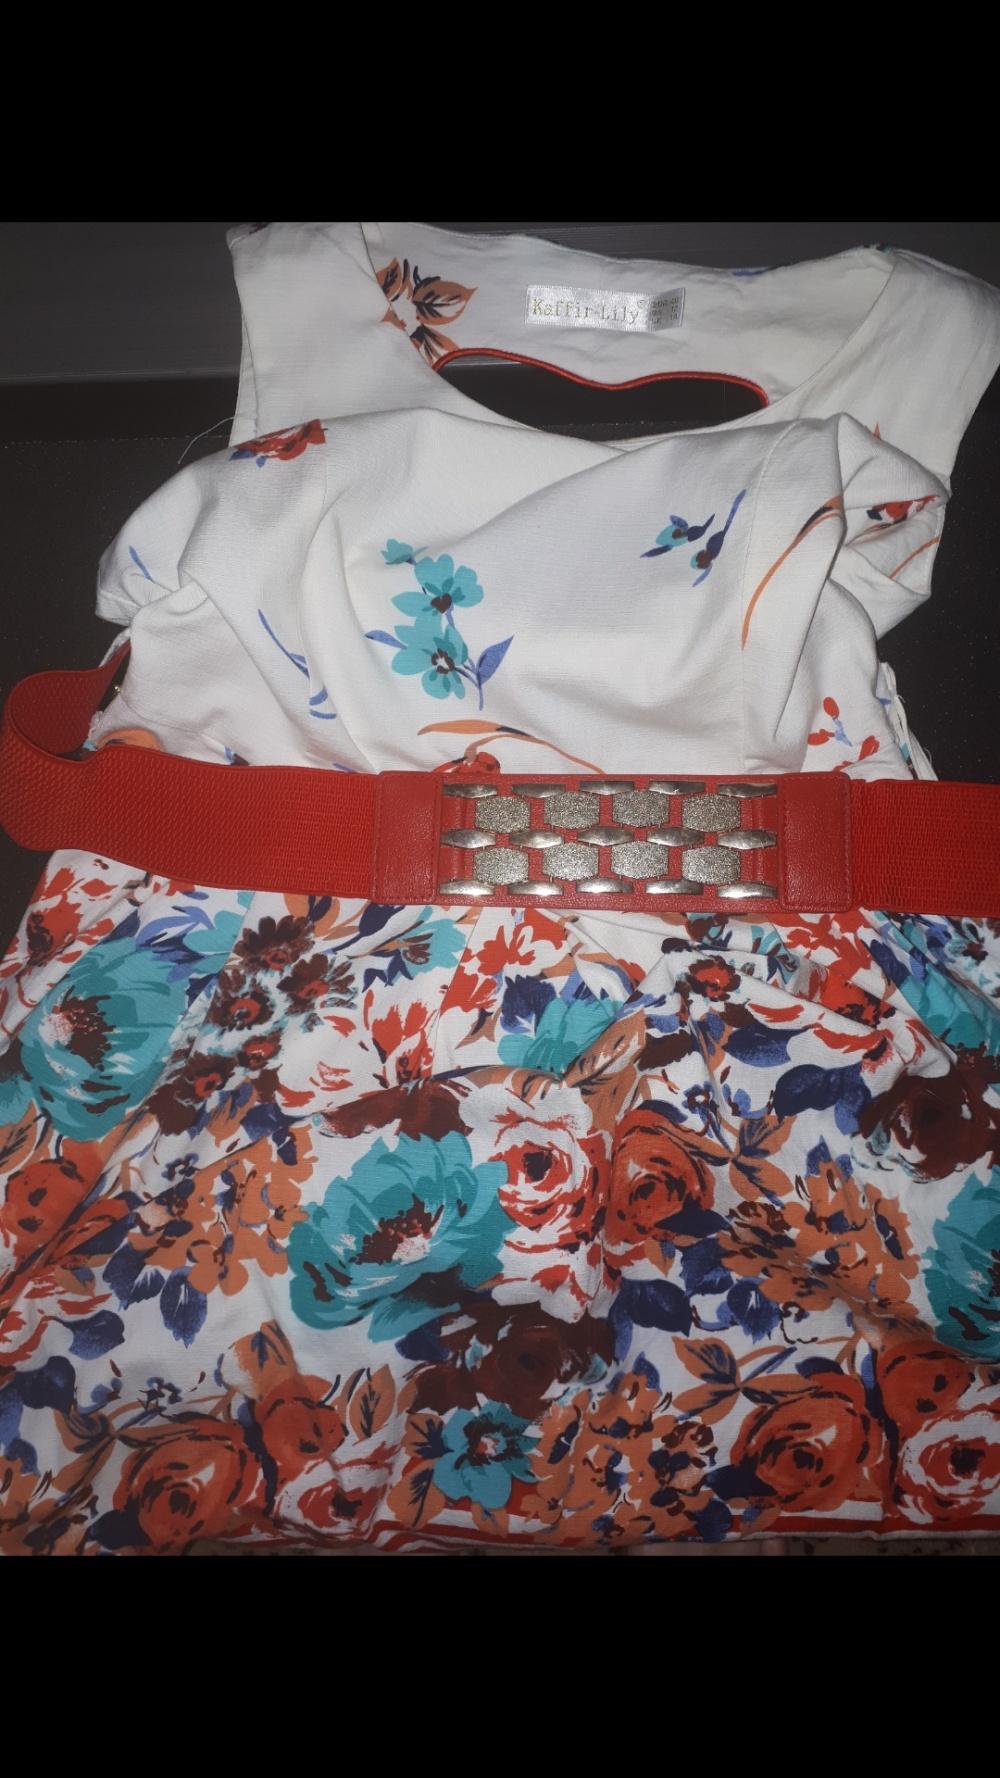 Платье Kaffir Lily 40 евро р-р